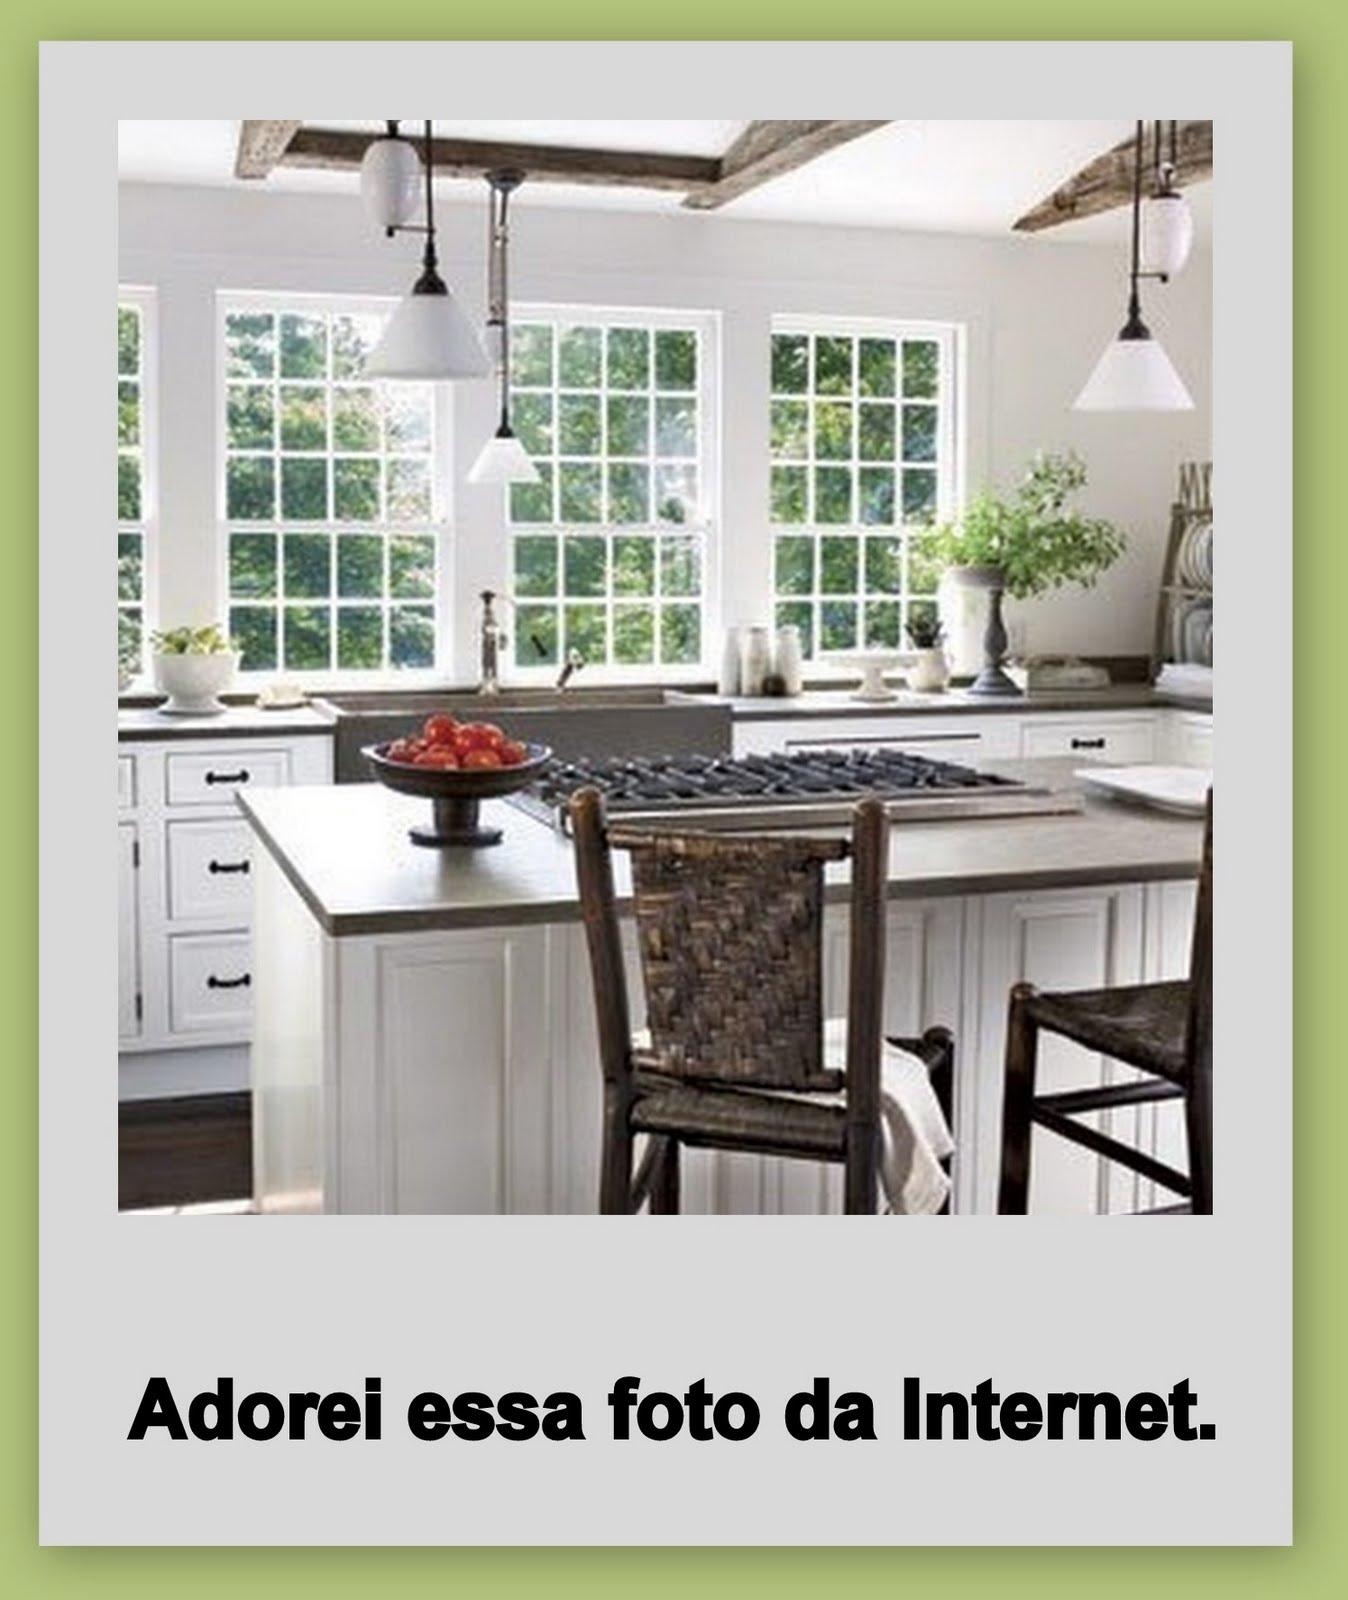 #788645 Nasci numa casa grande com várias portas e janelas  1114 Portas E Janelas De Aluminio Para Cozinha